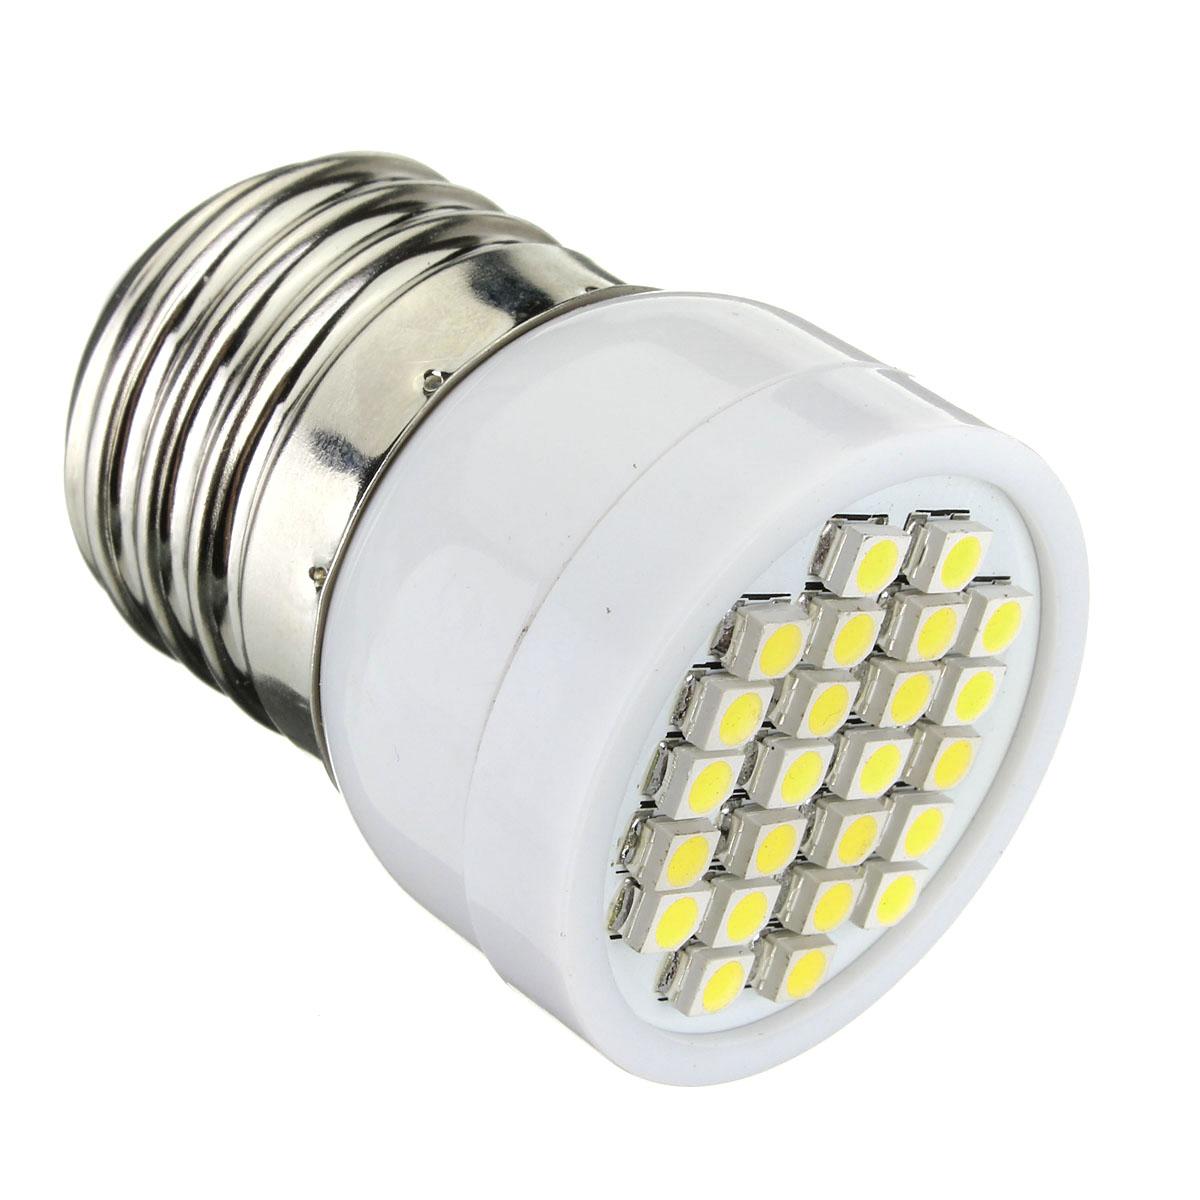 e14 e27 g9 24 smd 3528 led lampe licht leuchte strahler. Black Bedroom Furniture Sets. Home Design Ideas